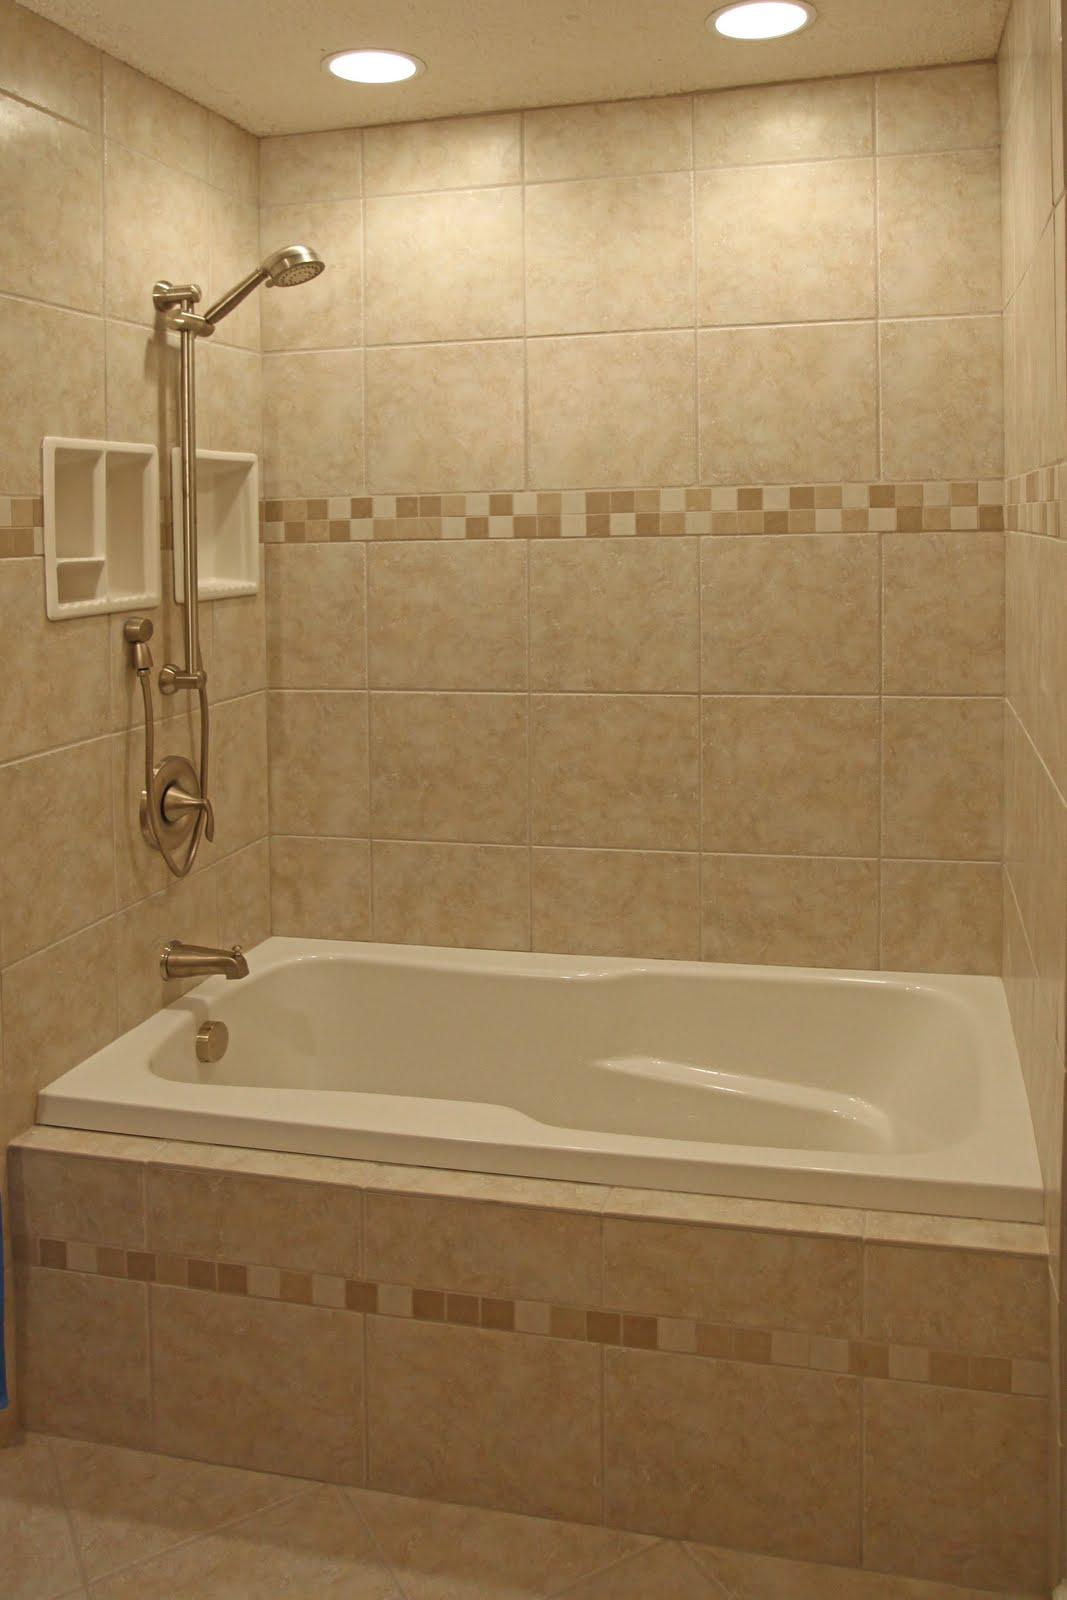 Bathroom Remodeling Design Ideas Tile Shower Niches ... on Bathroom Tile Designs  id=89769